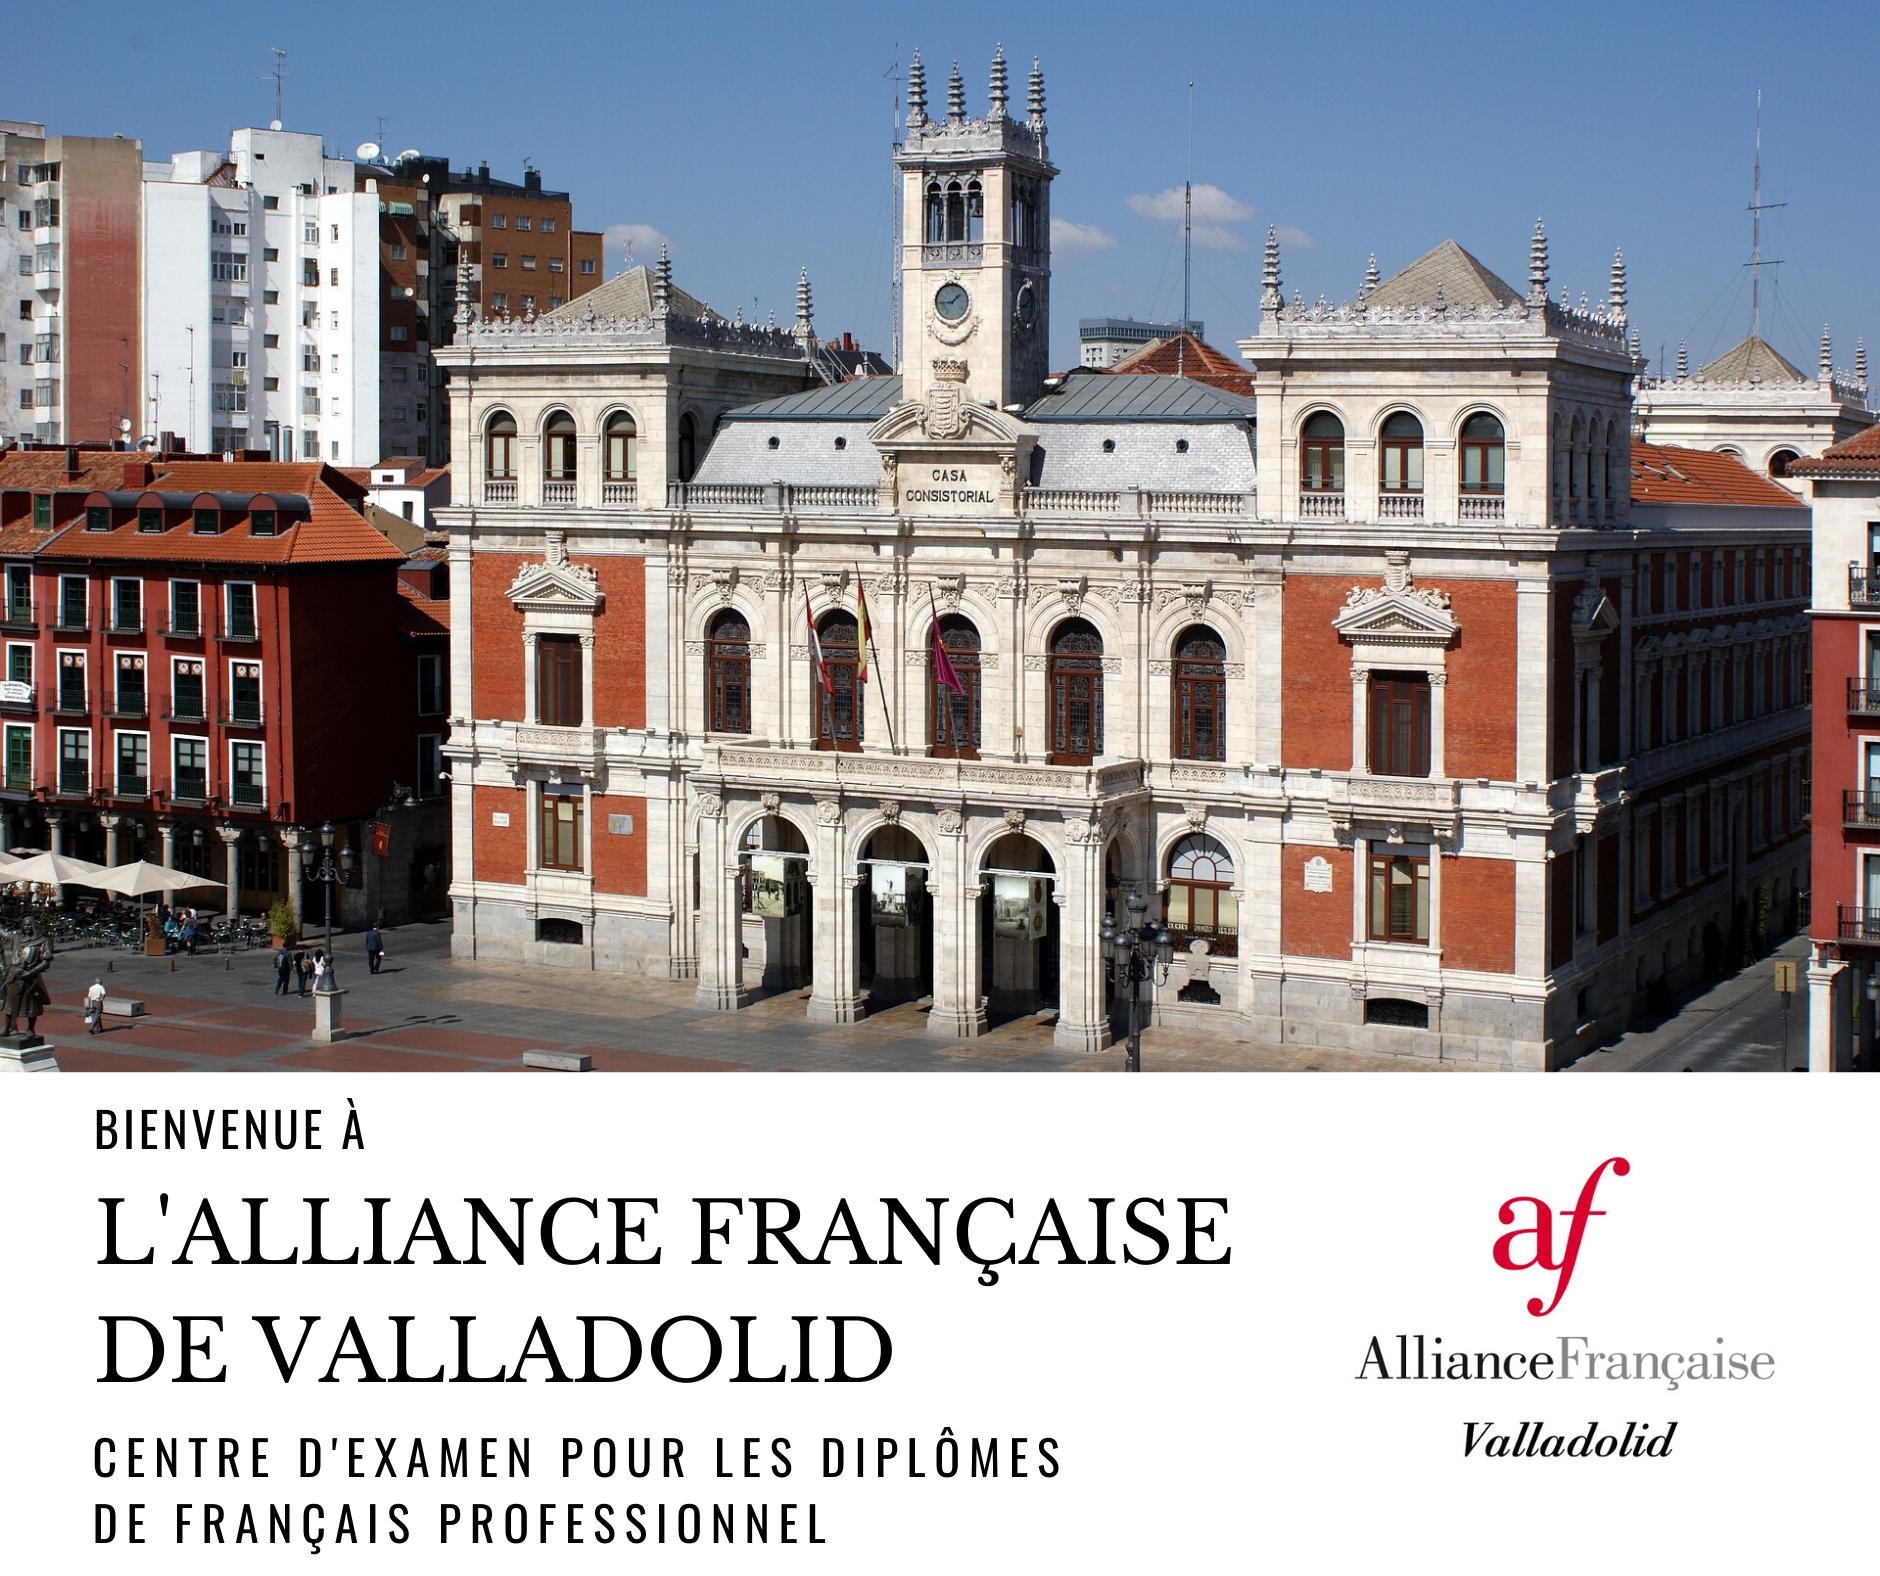 Alliance Française de Valladolid